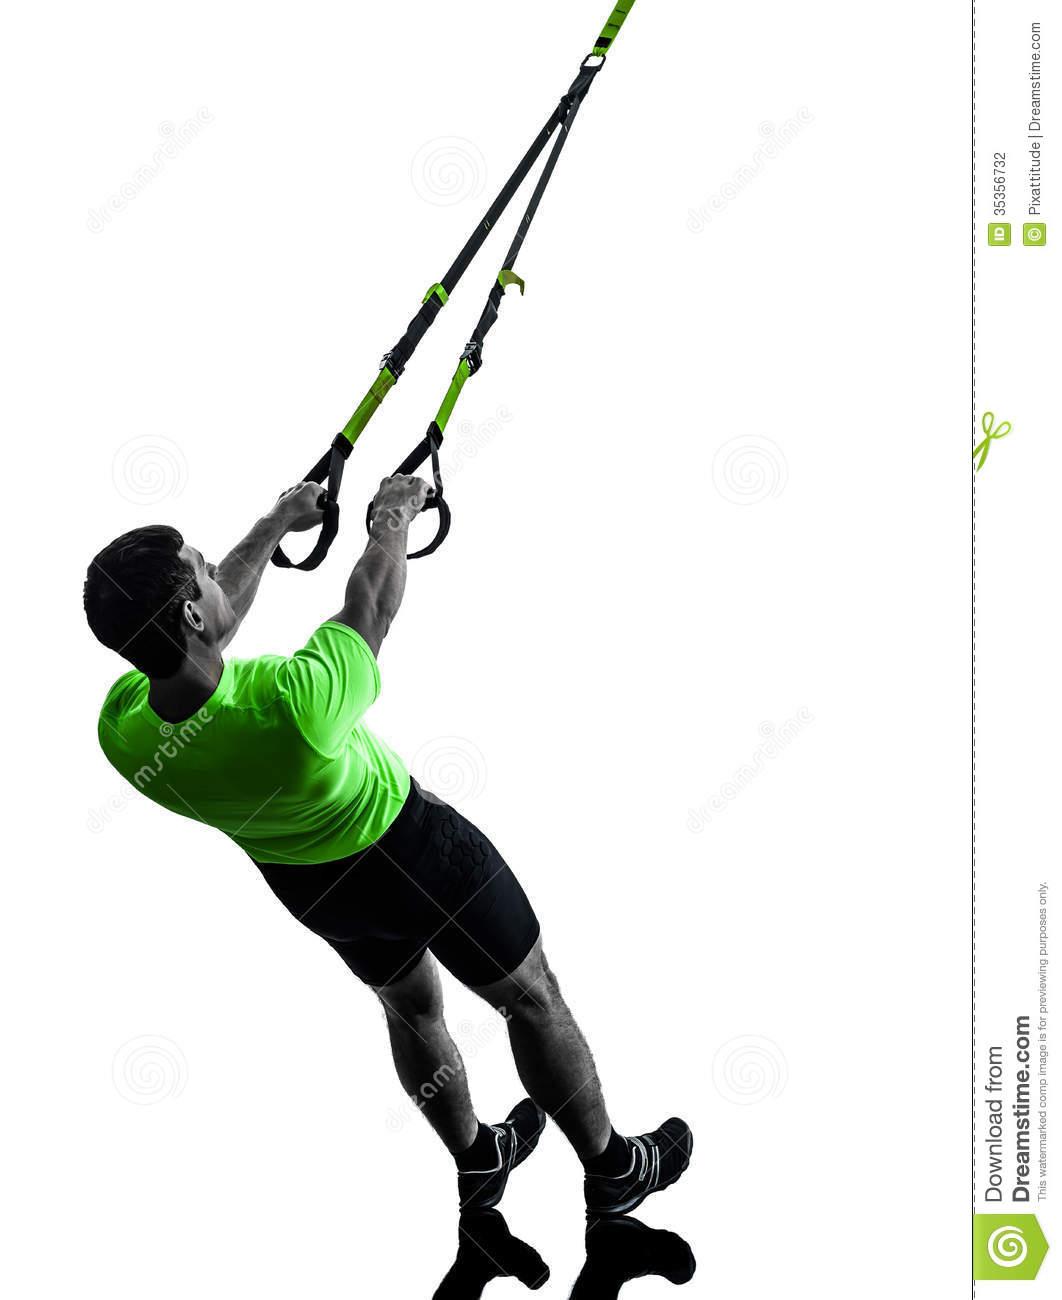 Man Exercising Suspension Training Trx Silhouette Stock.